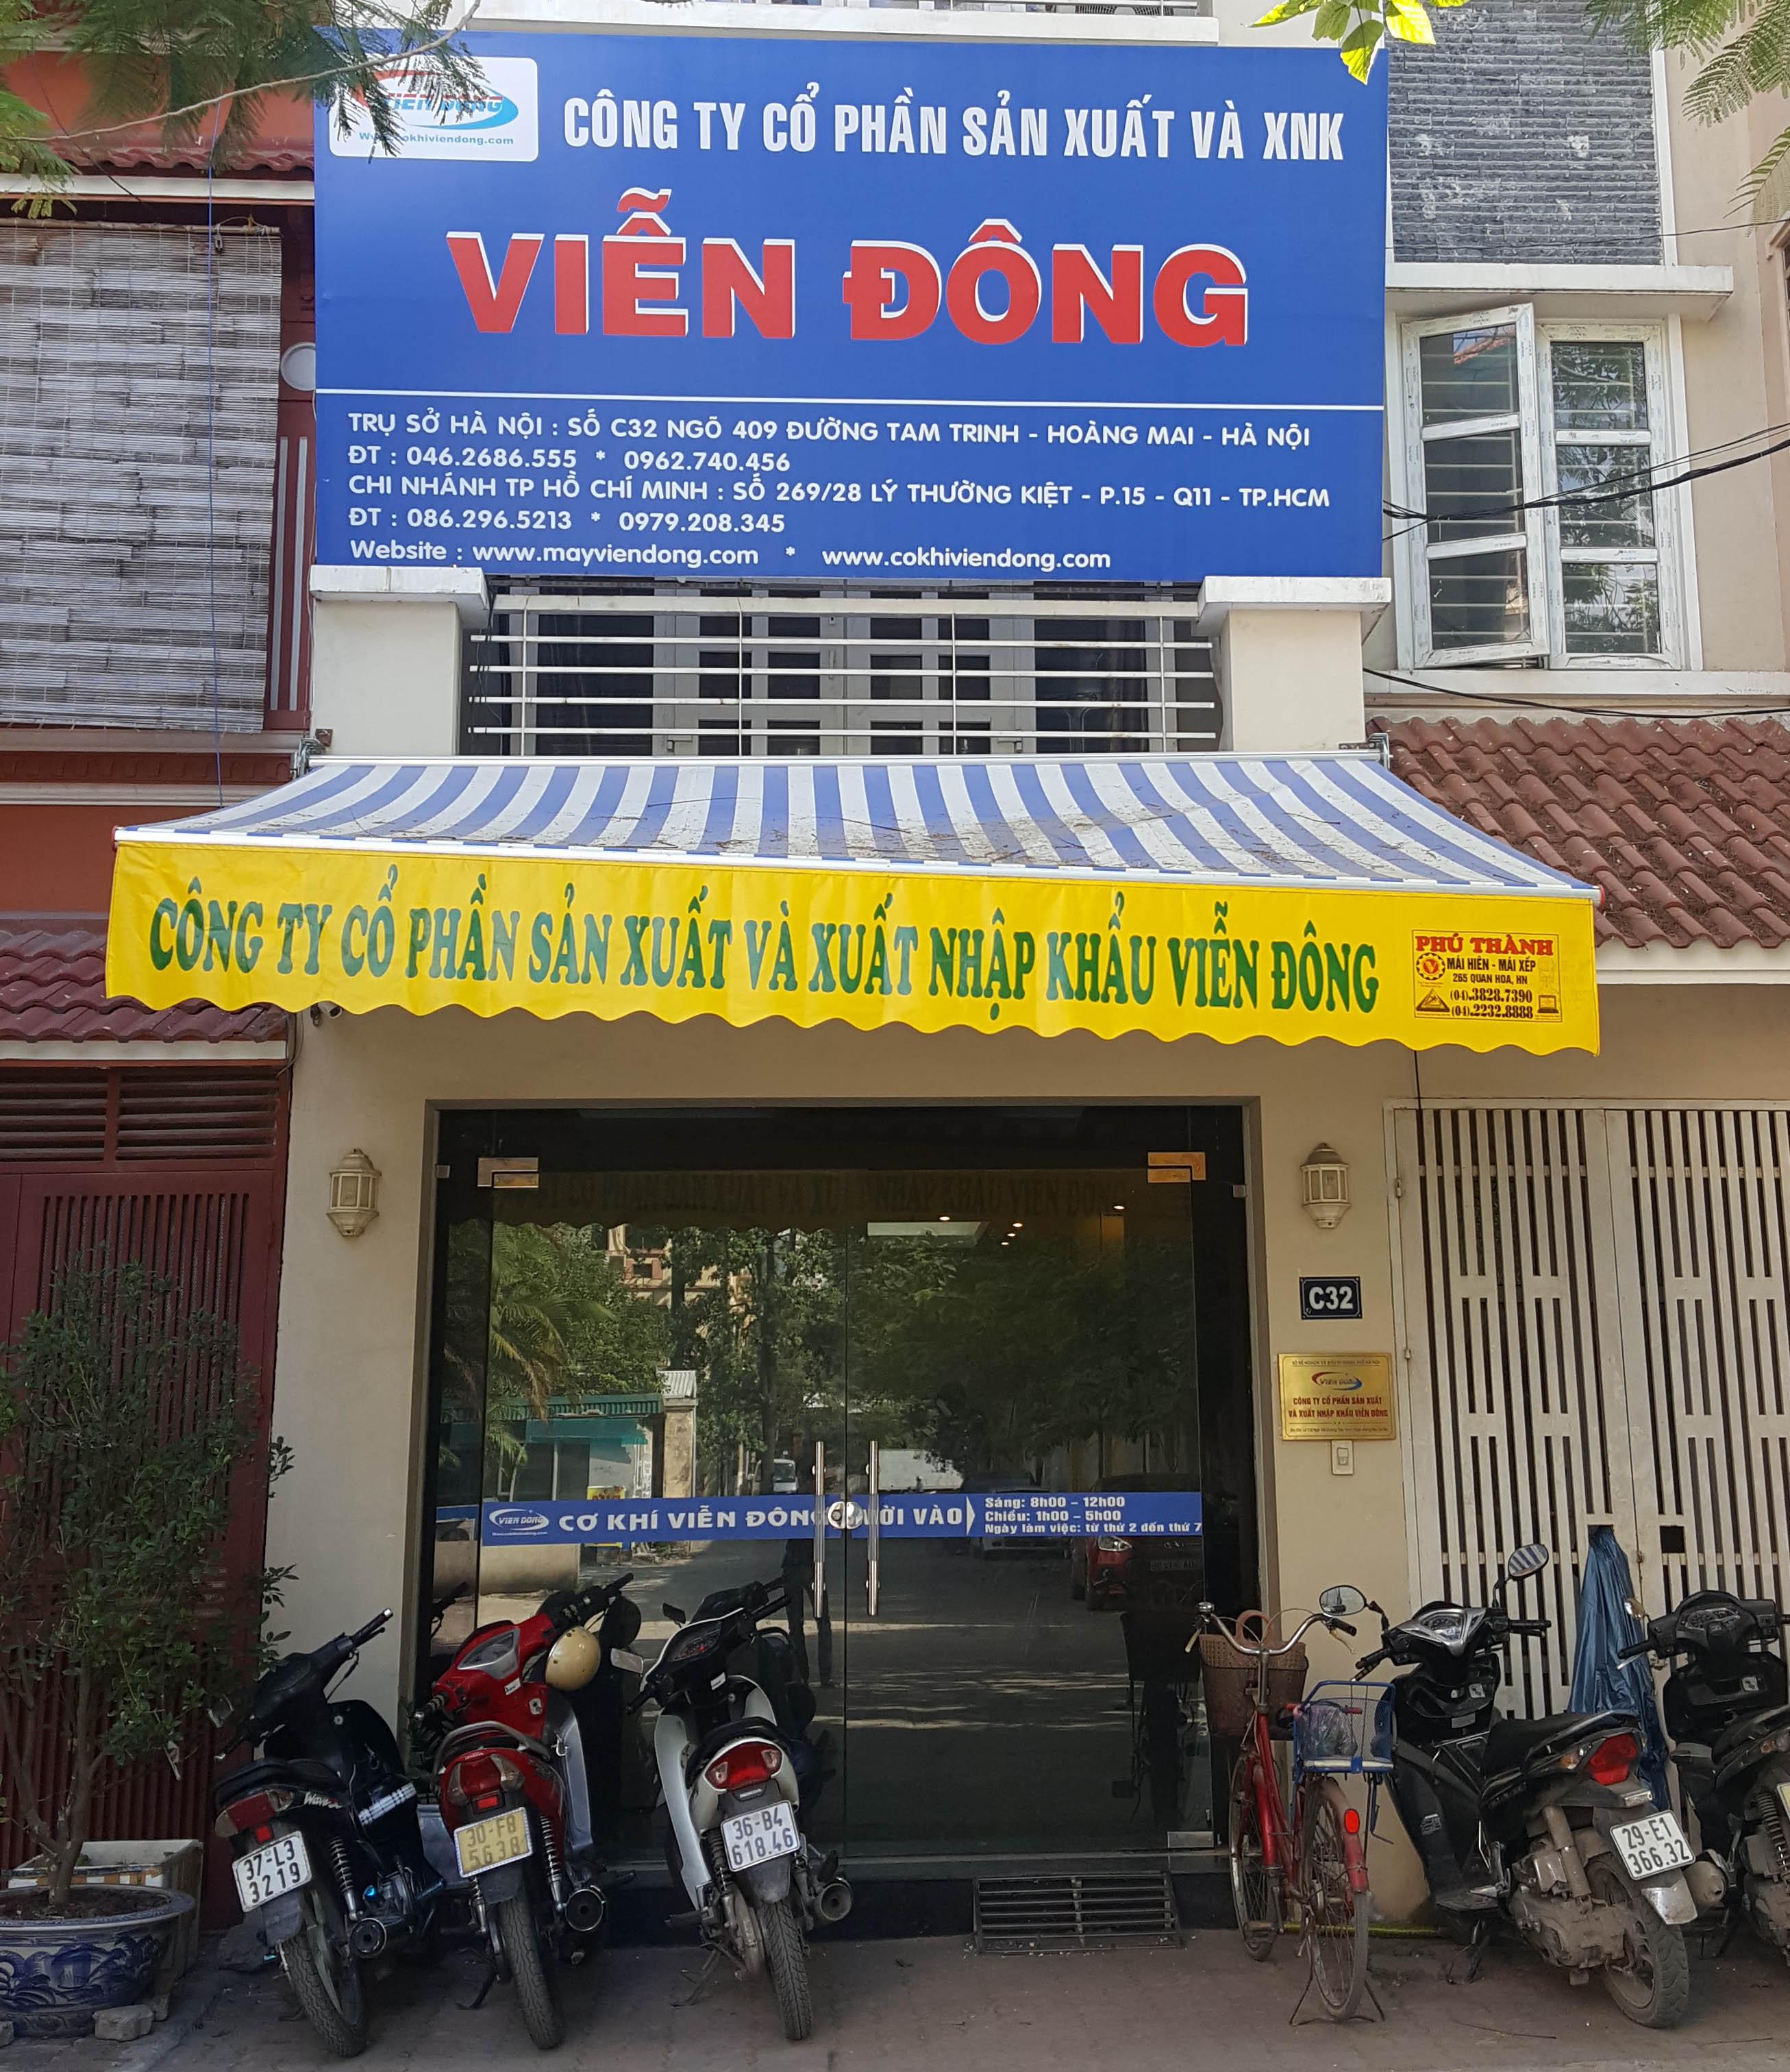 C32- Ngõ 409- Tam Trinh- Hoàng Mai- Hà Nội